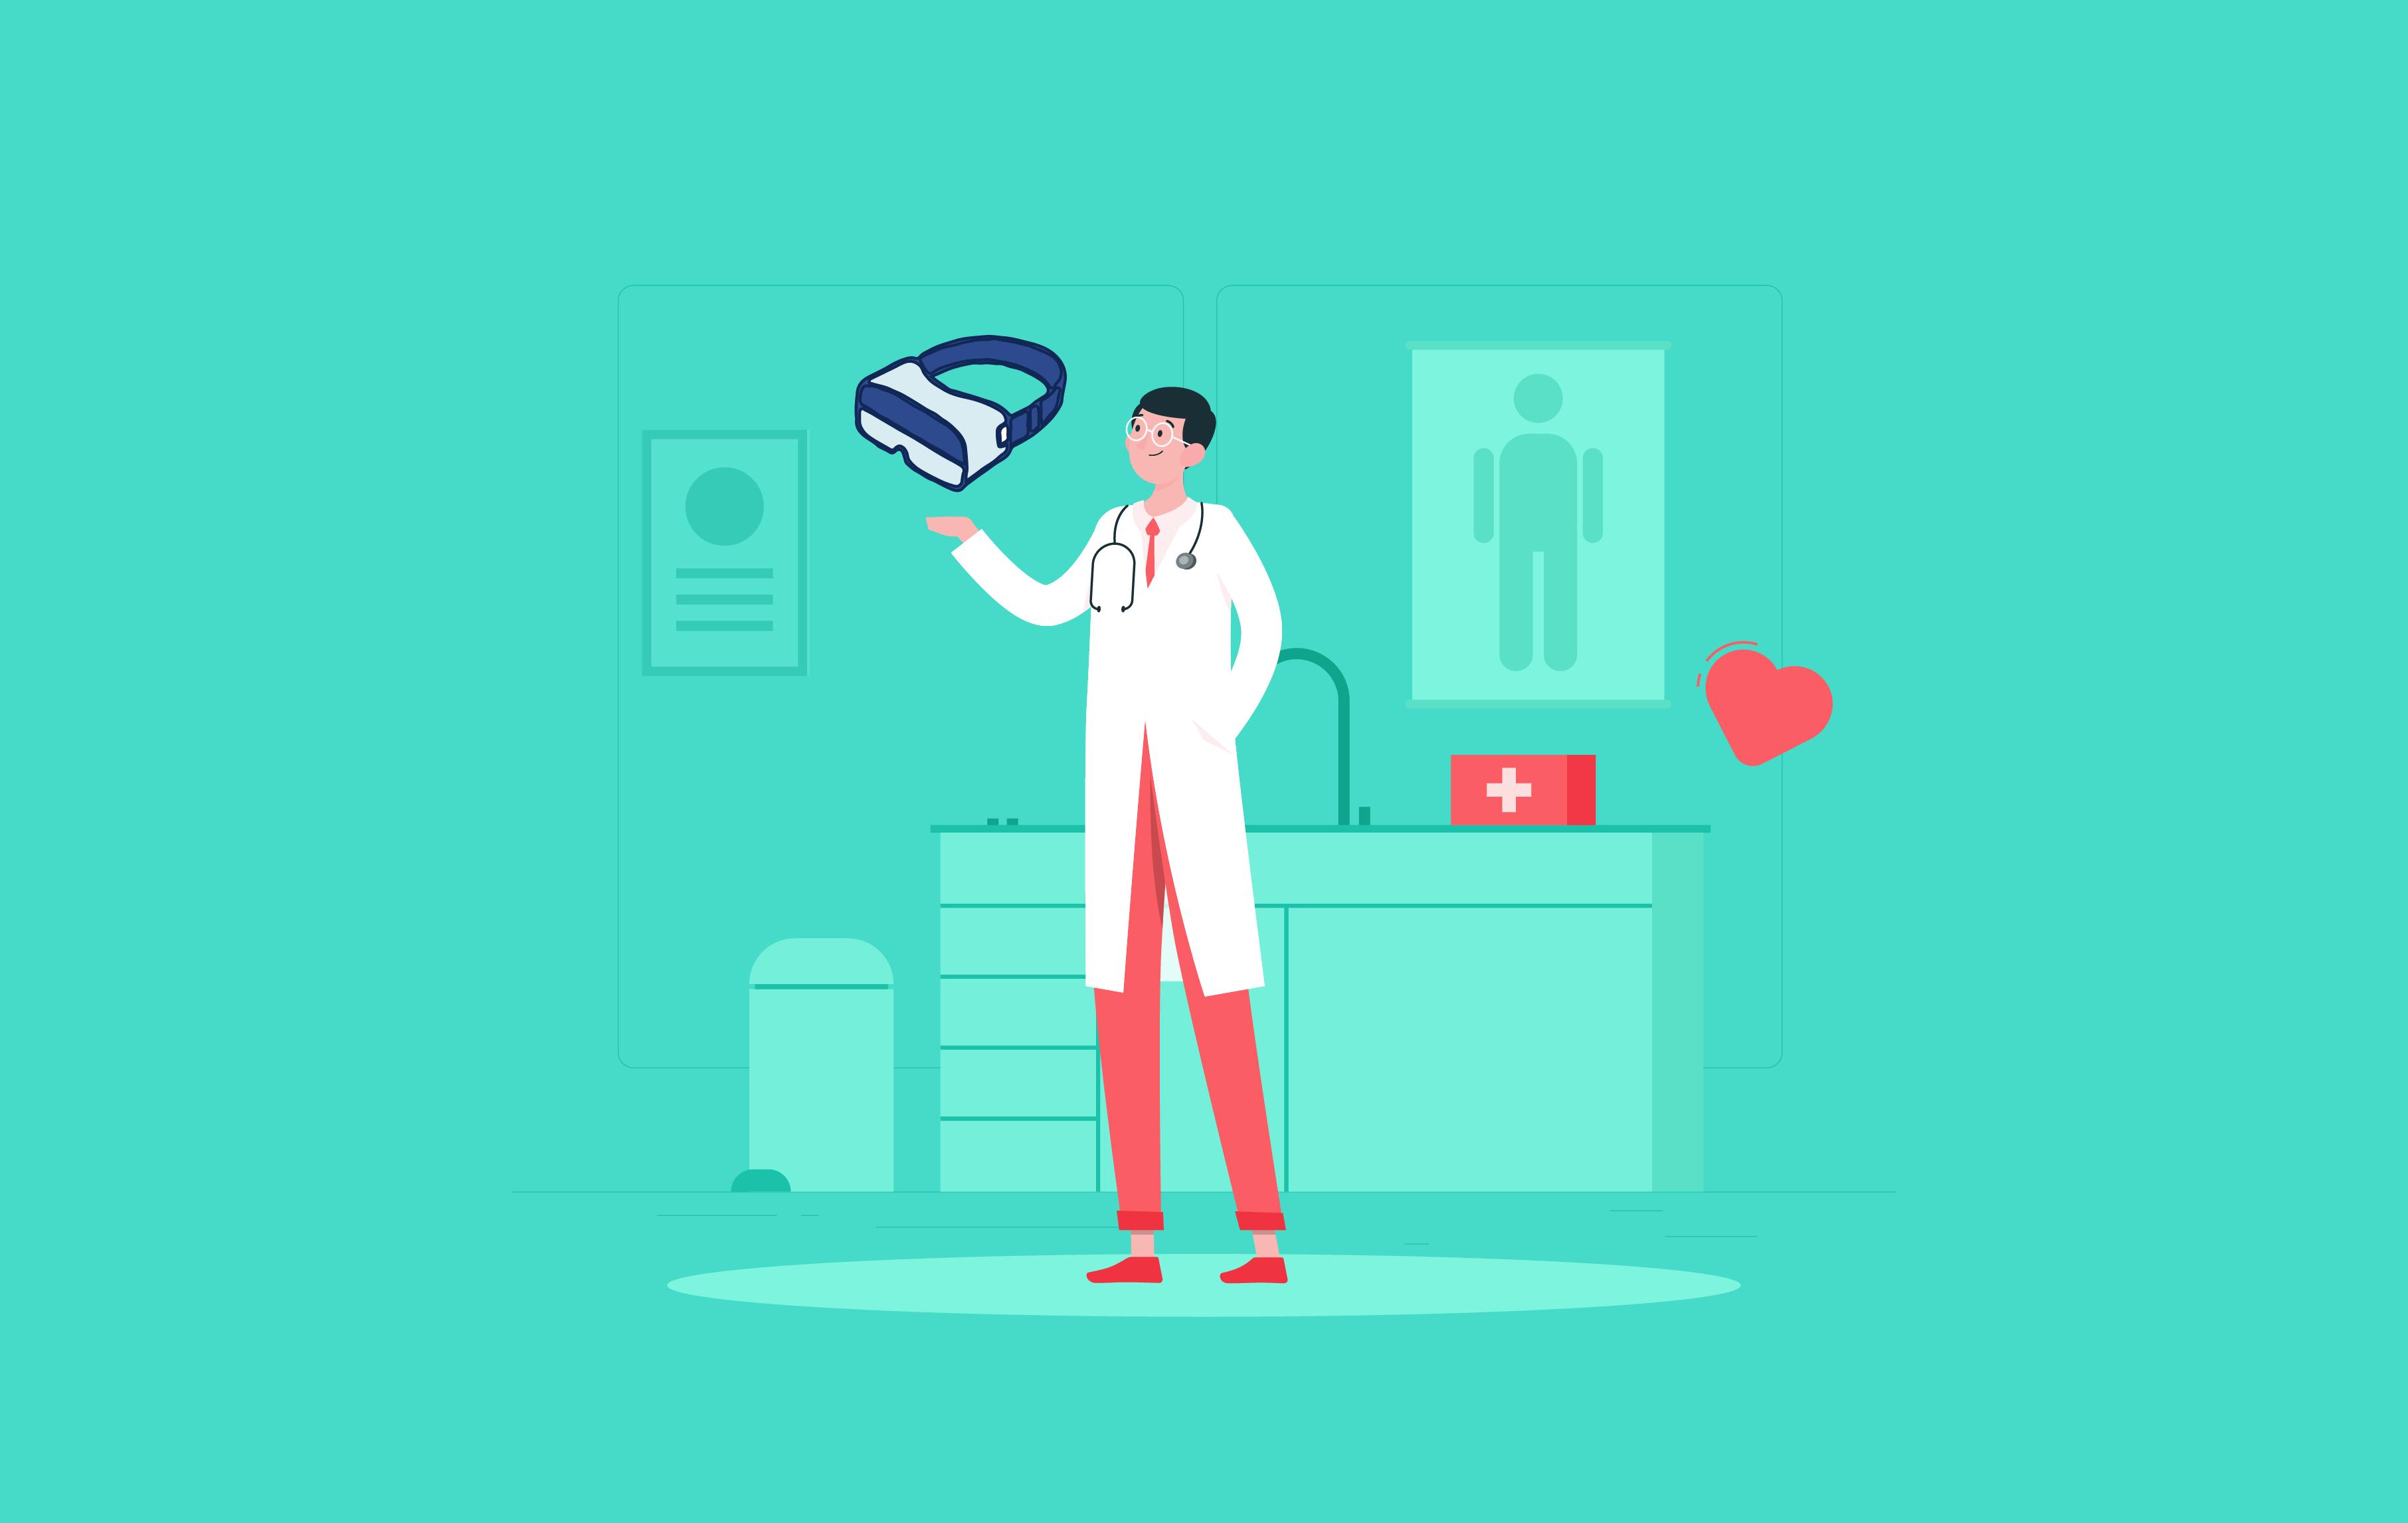 VR in Healthcare